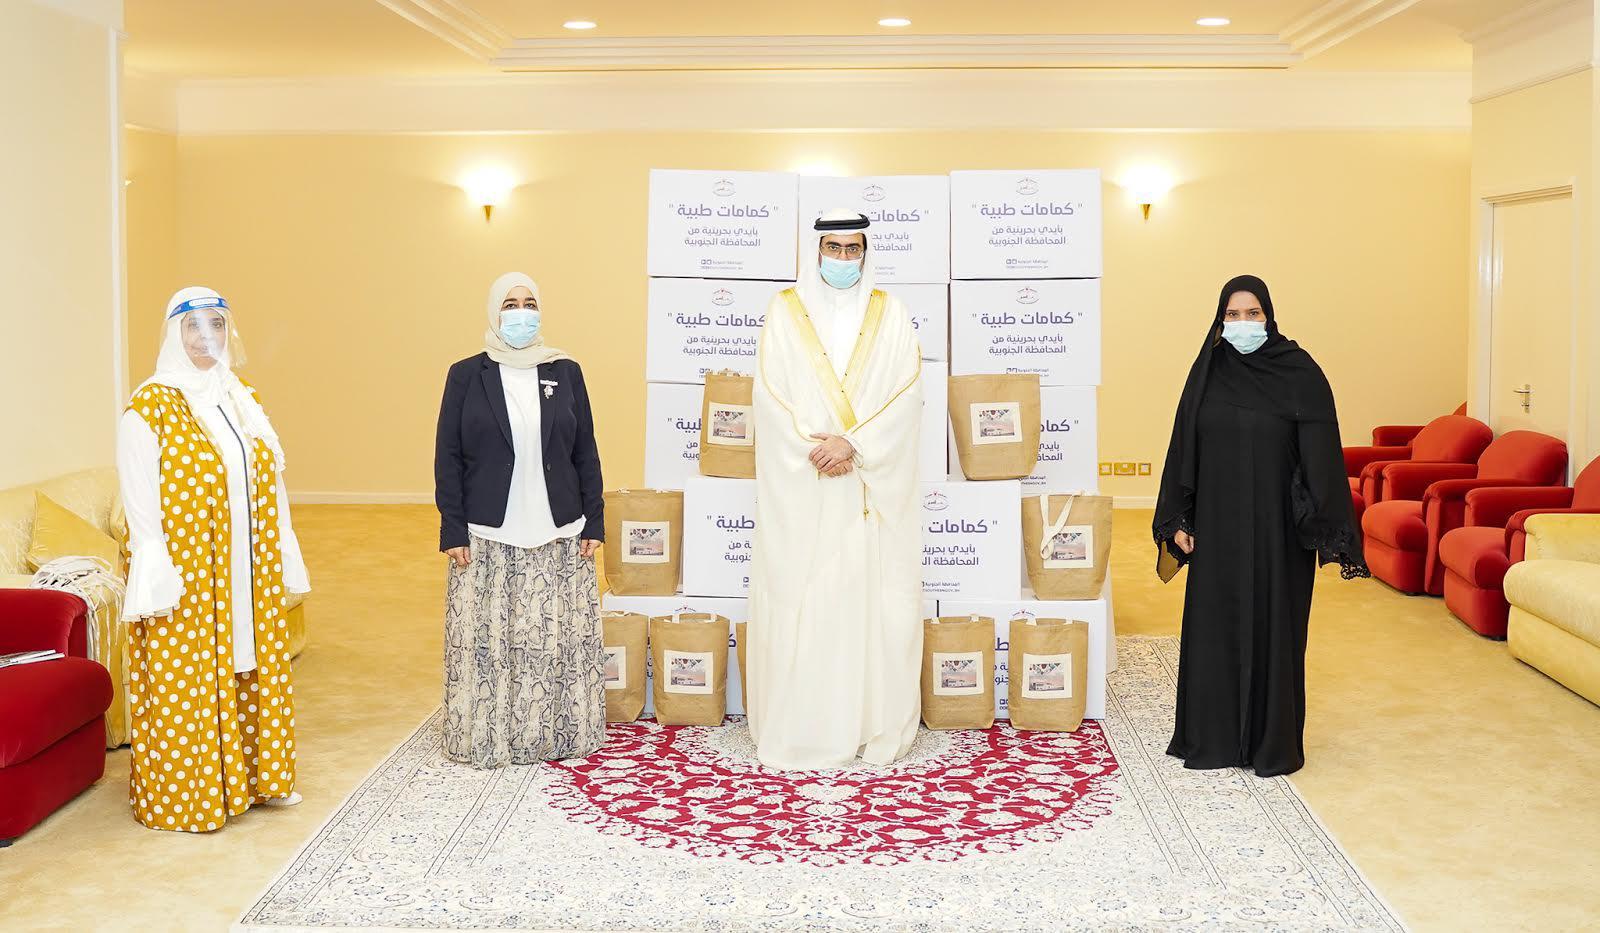 المحافظة الجنوبية تتسلم 2000 كمام طبي من الجمعية البحرينية لتنمية المرأة وجمعيات أهلية أخرى، ضمن جهود المحافظة الجنوبية في تعزيز الإجراءات الاحترازية